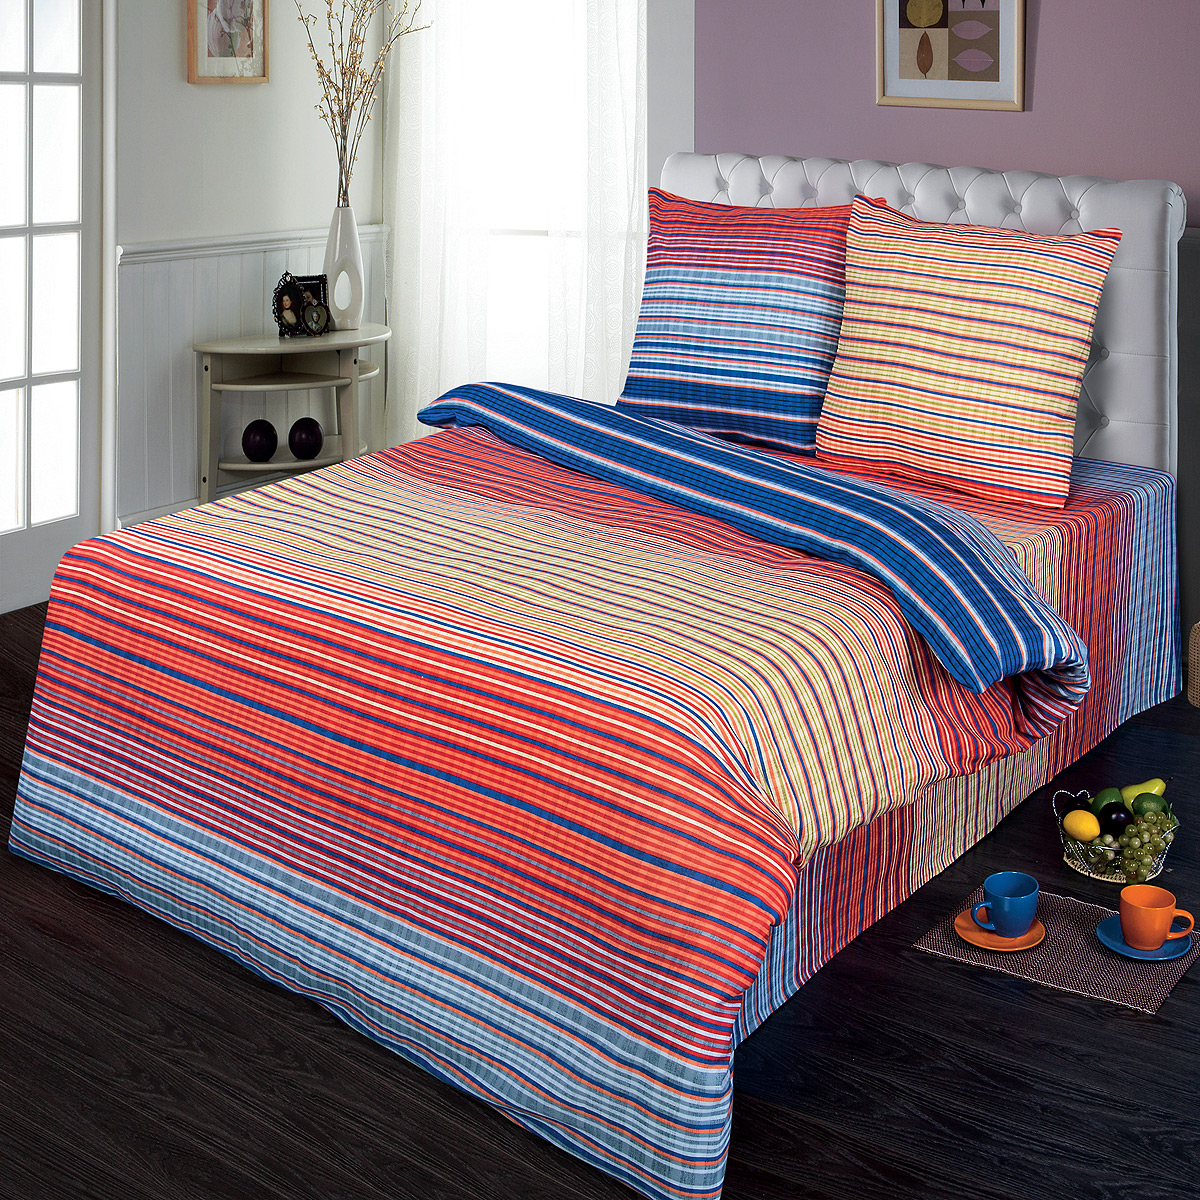 Комплект белья Шоколад Кавалер, 2-спальный, наволочки 70x70. Б104Б104Комплект постельного белья Шоколад Кавалер является экологически безопасным для всей семьи, так как выполнен из натурального хлопка. Комплект состоит из пододеяльника, простыни и двух наволочек. Постельное белье оформлено оригинальным рисунком и имеет изысканный внешний вид. Бязь - это ткань полотняного переплетения, изготовленная из экологически чистого и натурального 100% хлопка. Она прочная, мягкая, обладает низкой сминаемостью, легко стирается и хорошо гладится. Бязь прекрасно пропускает воздух и за ней легко ухаживать. При соблюдении рекомендуемых условий стирки, сушки и глажения ткань имеет усадку по ГОСТу, сохранятся яркость текстильных рисунков. Приобретая комплект постельного белья Шоколад Кавалер, вы можете быть уверены в том, что покупка доставит вам и вашим близким удовольствие и подарит максимальный комфорт.Советы по выбору постельного белья от блогера Ирины Соковых. Статья OZON Гид